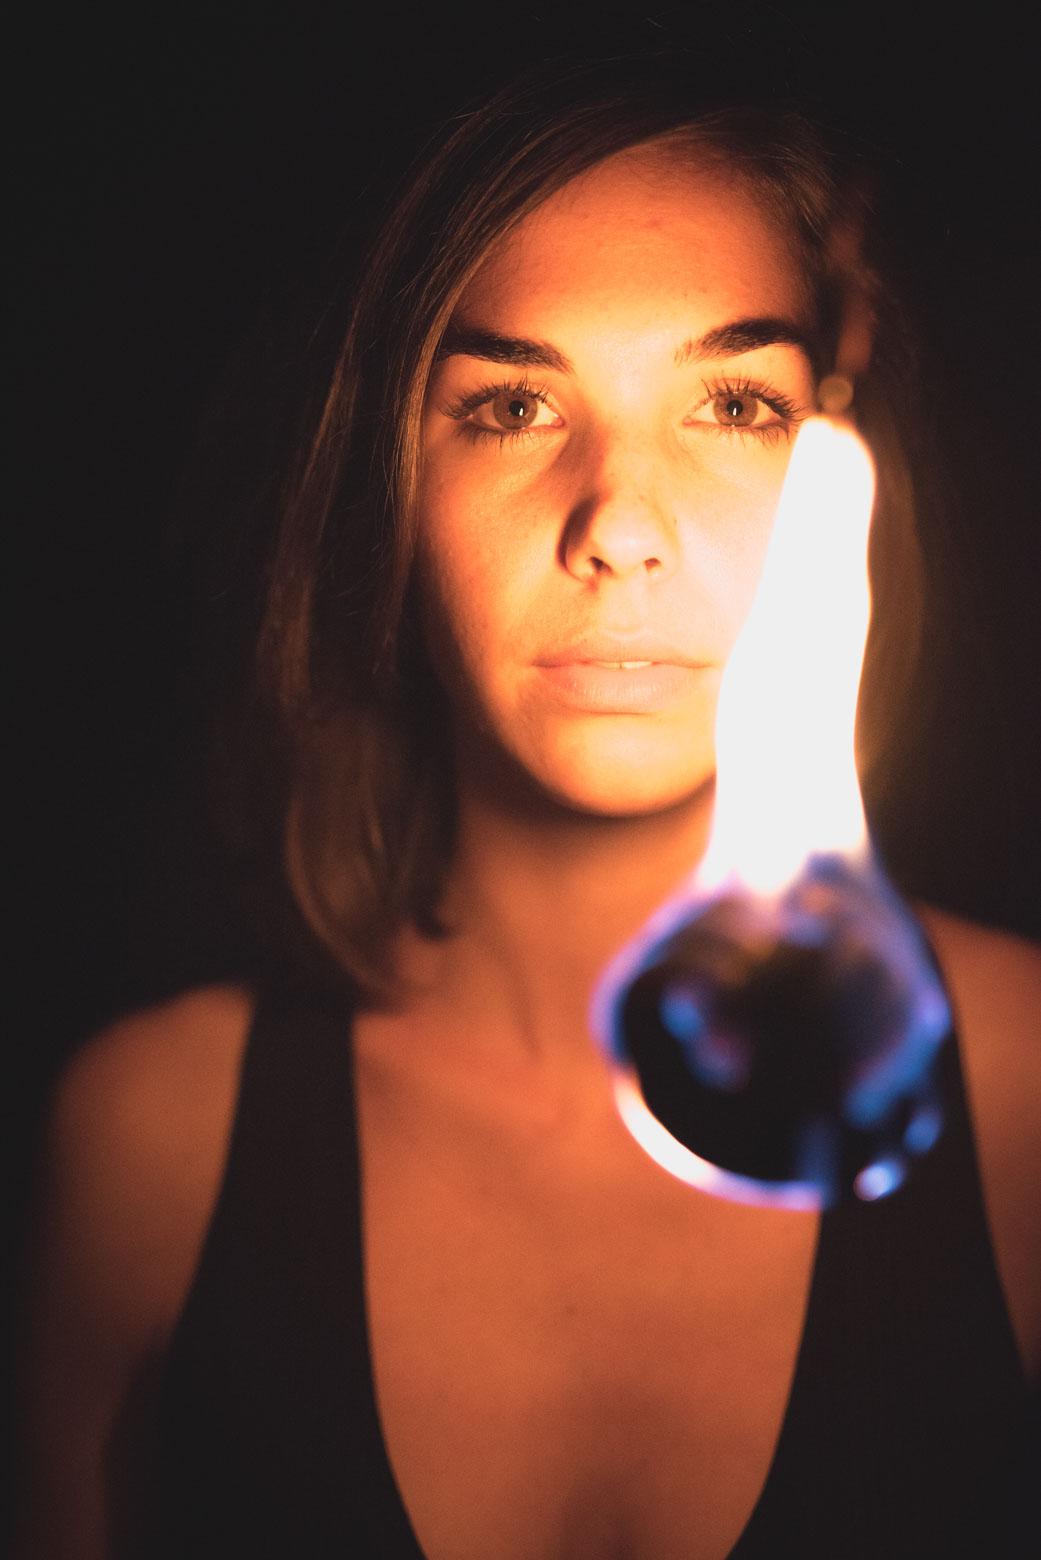 Fotoshooting mit Flammenmaler Daniel und Laura